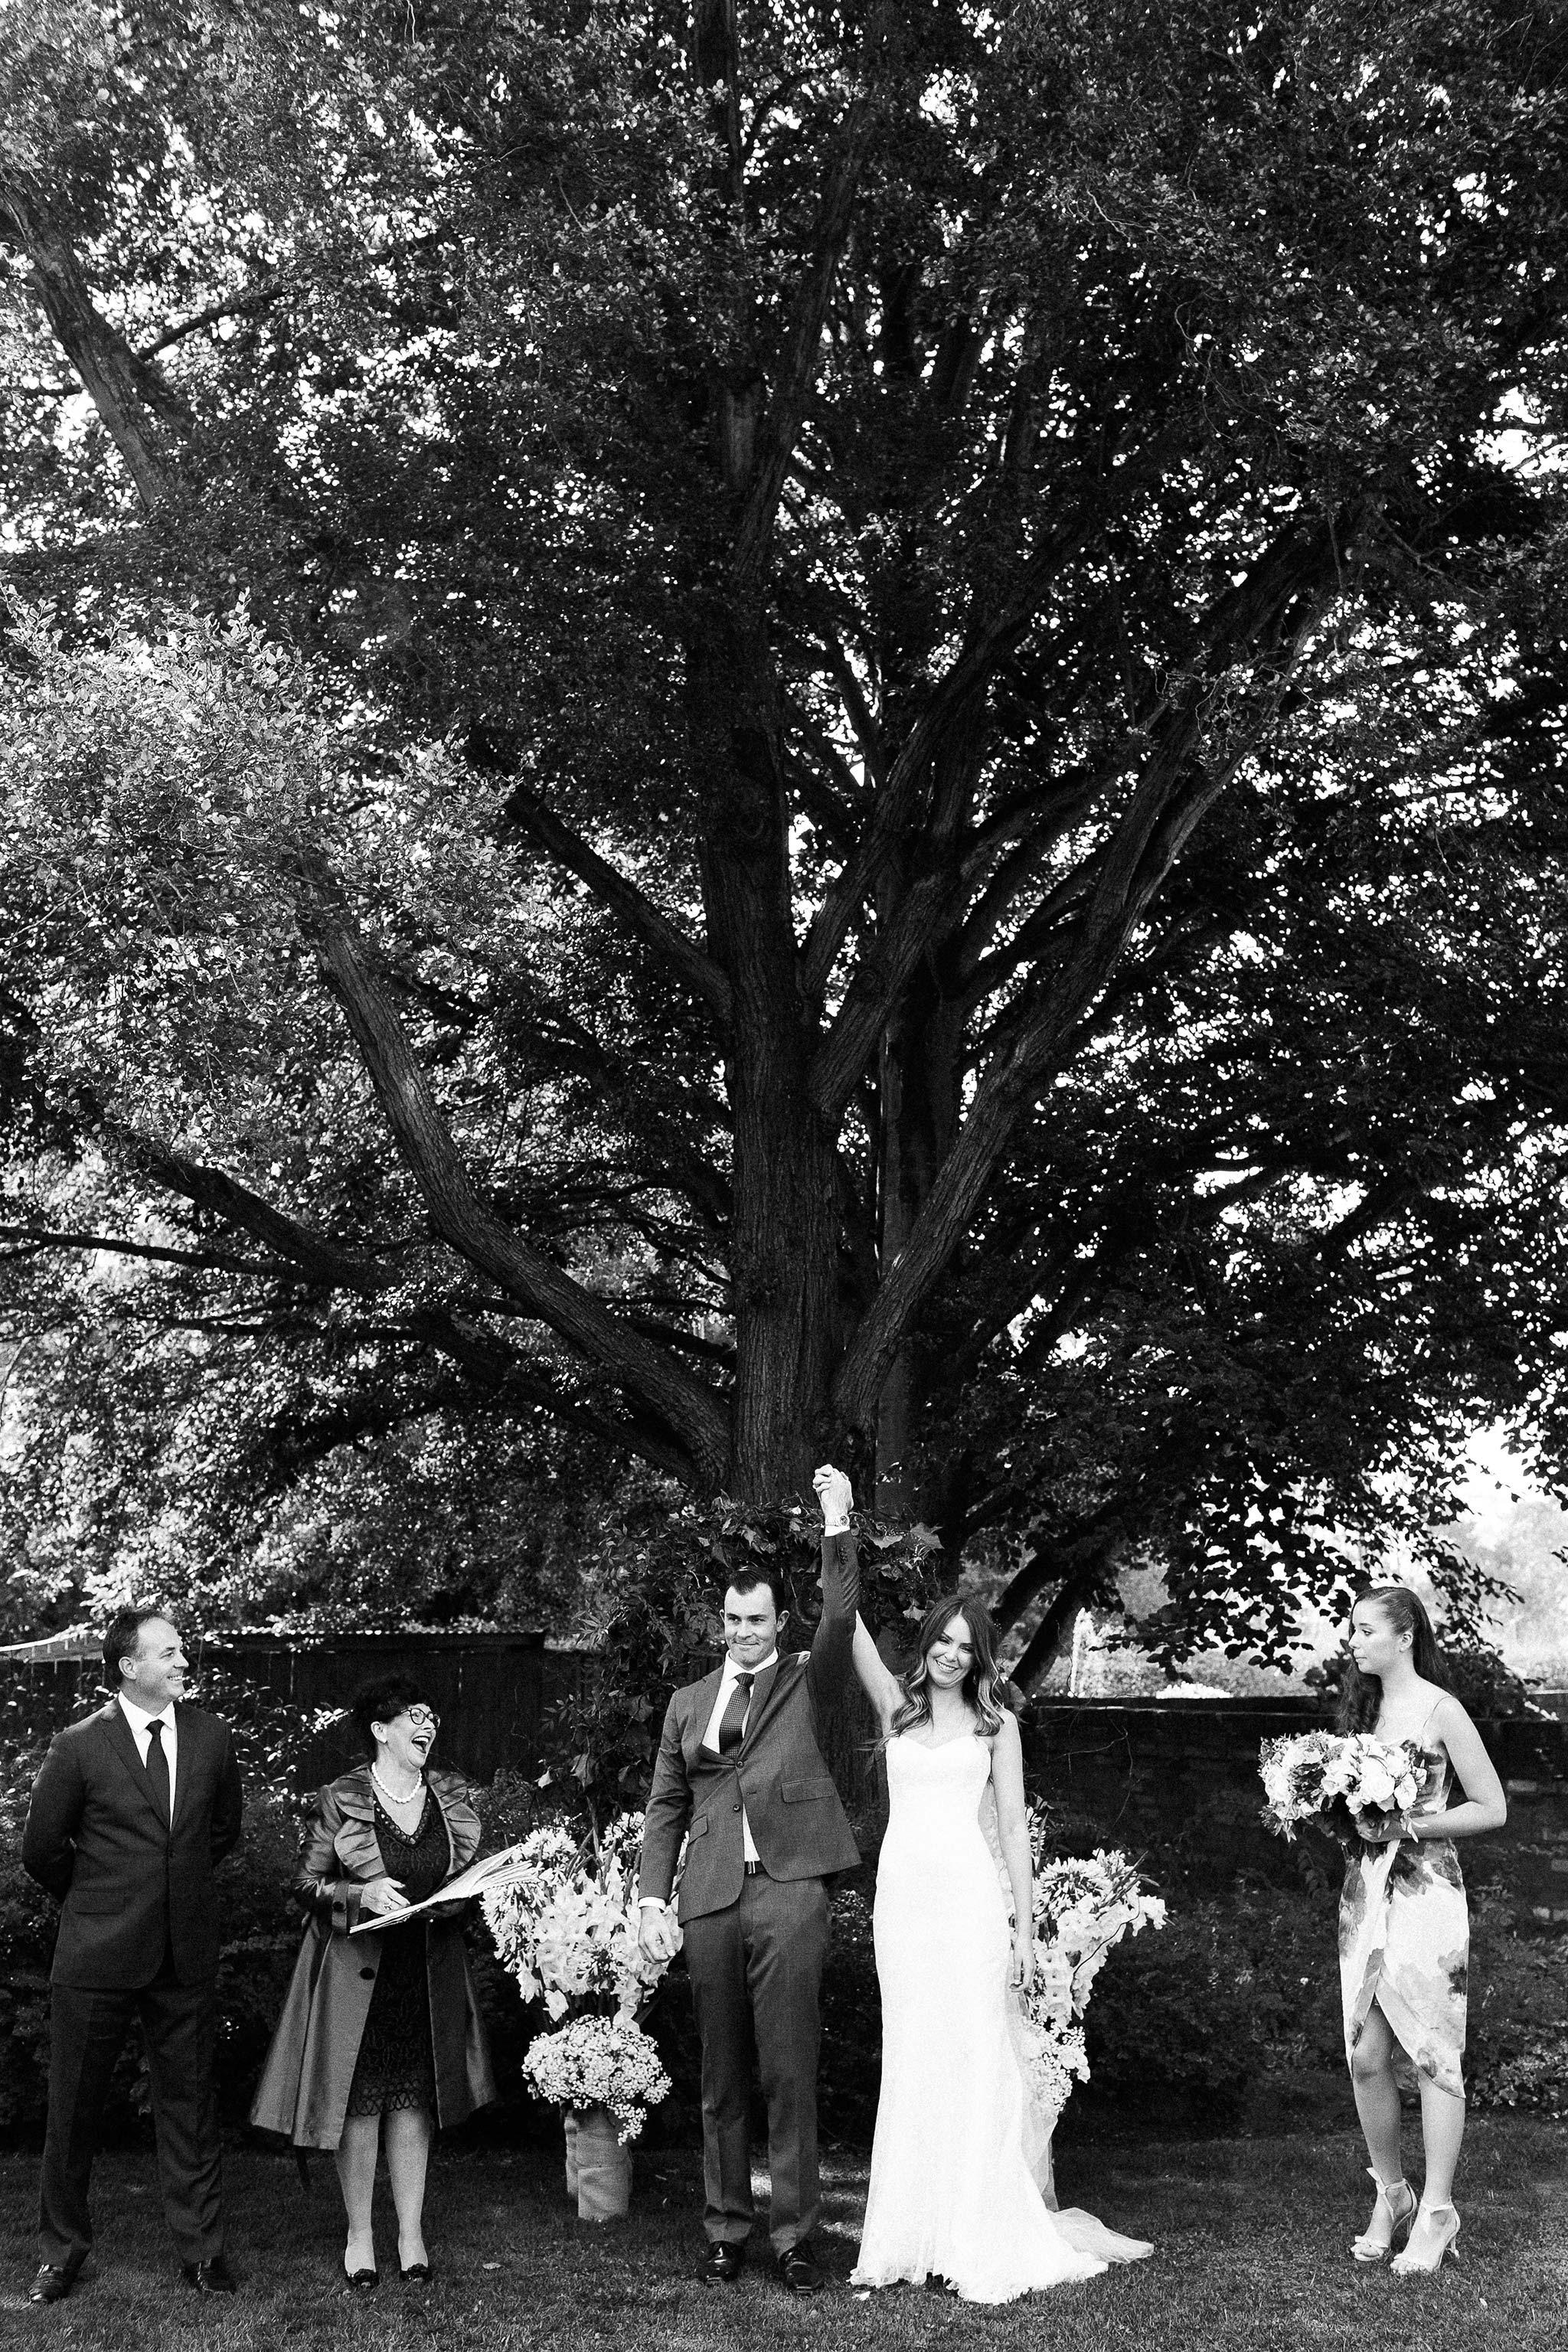 Launceston-Brickendon-Wedding-Photographer-ceremony-exit